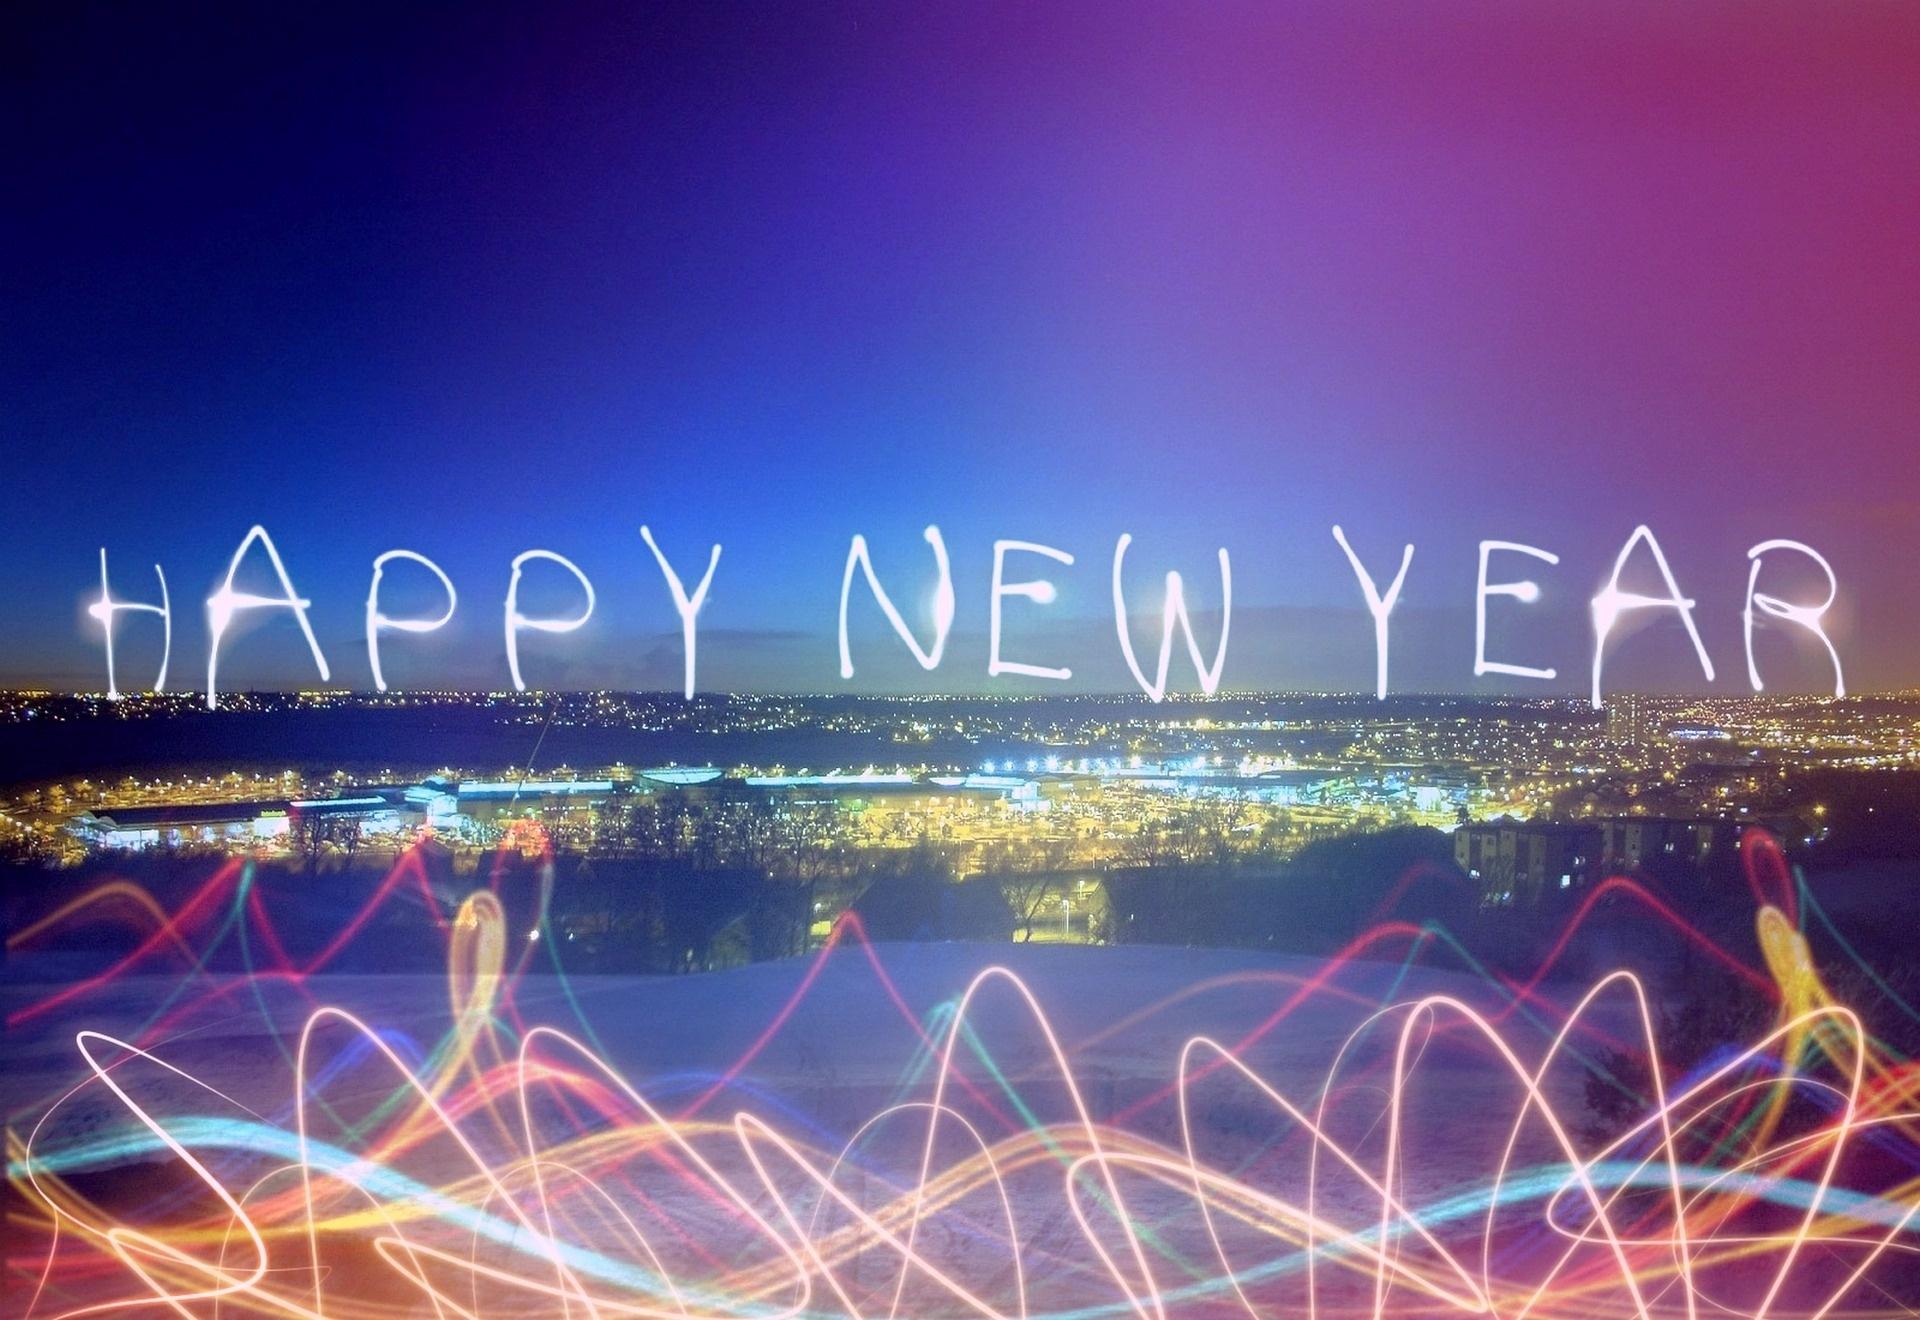 Wir wünschen eine gesundes und erfolgreiches 2019!